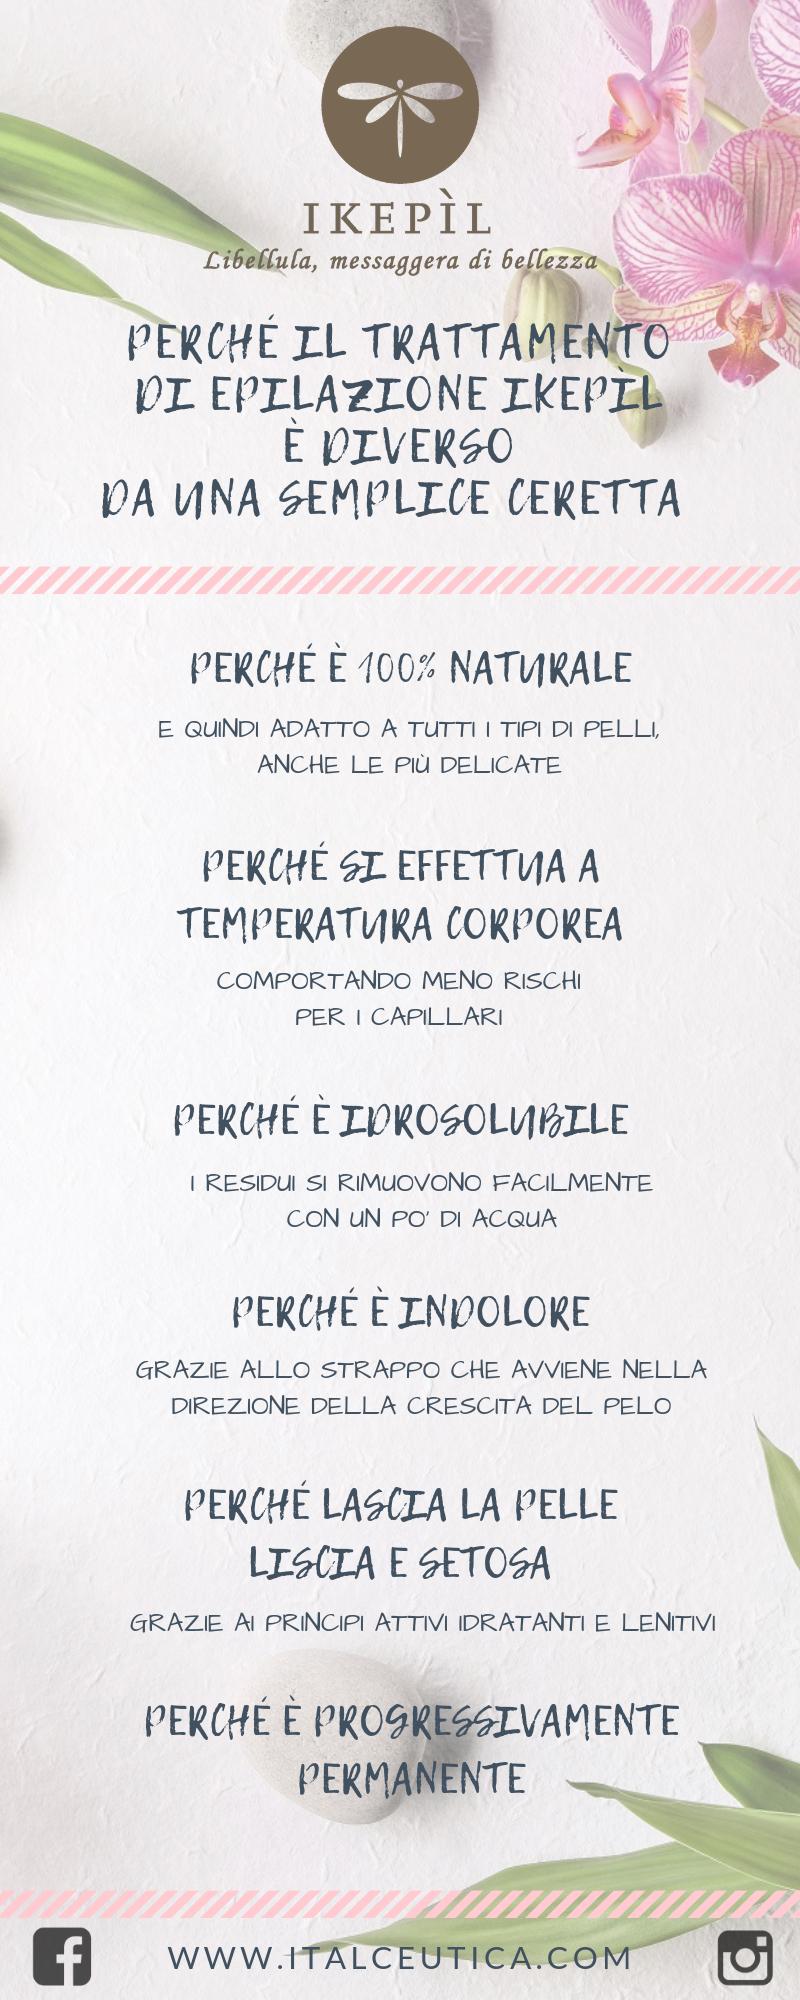 ceretta-araba-pasta-di-zucchero-sugaring-differenze